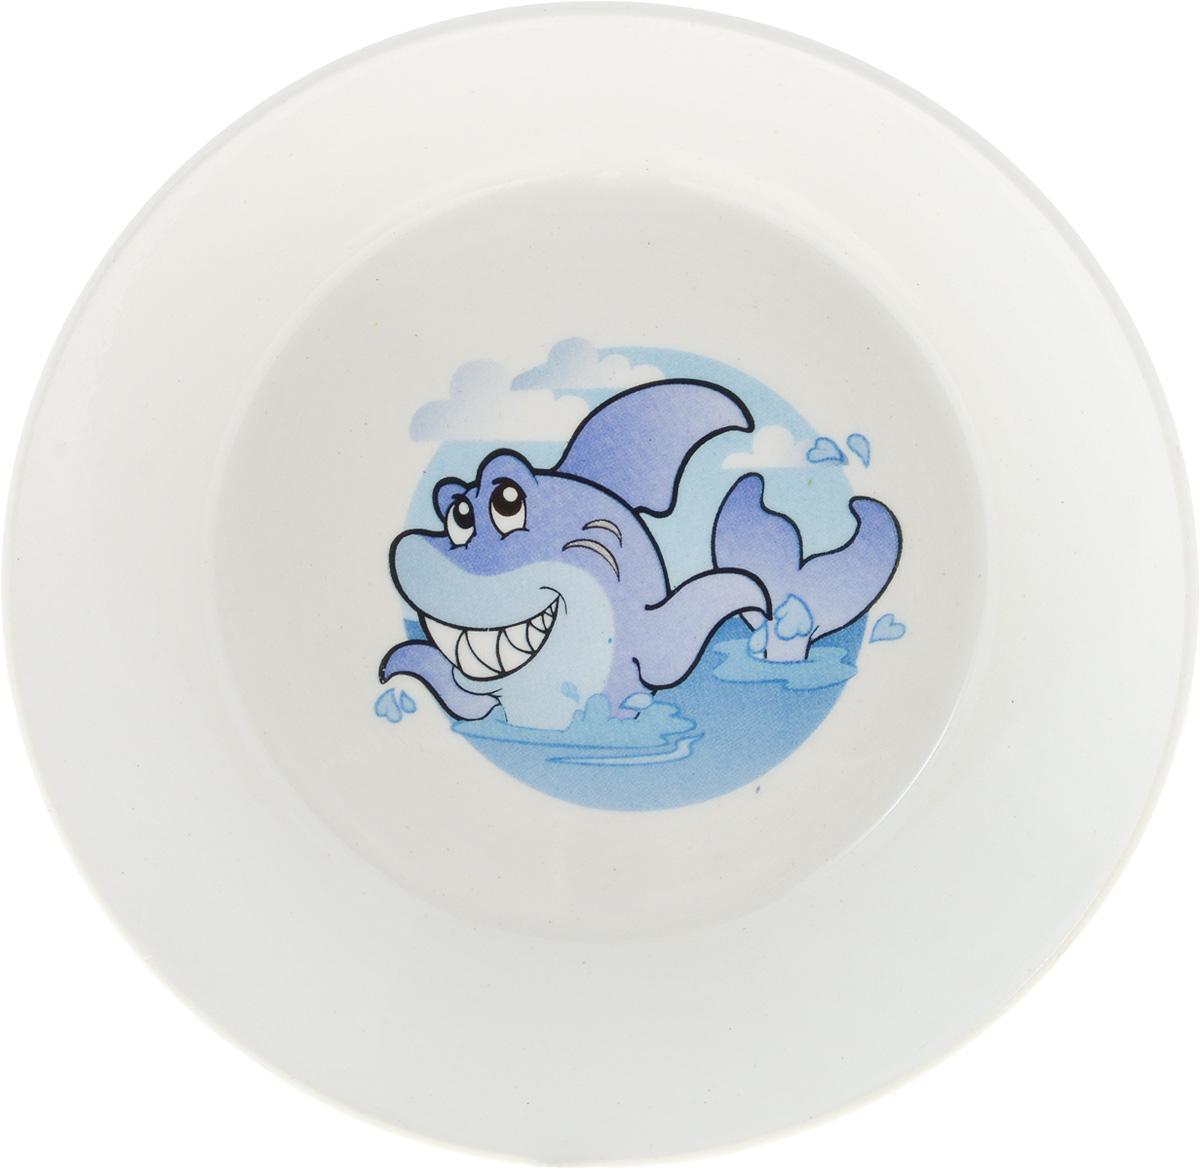 Блюдце Кубаньфарфор Морской мир. Рыба, цвет: синий, 150 мл2220069_синяяФаянсовое блюдце с забавным рисунком понравится каждому малышу. Изделие из качественного материала станет правильным выбором дляповседневной эксплуатации и поможет превратить каждый приём пищи в радостное приключение.Особенности:- простота мойки, - стойкость к запахам, - насыщенный цвет. Можно ставить в СВЧ-печь и мыть в машине.Избегайте ударов и падений.